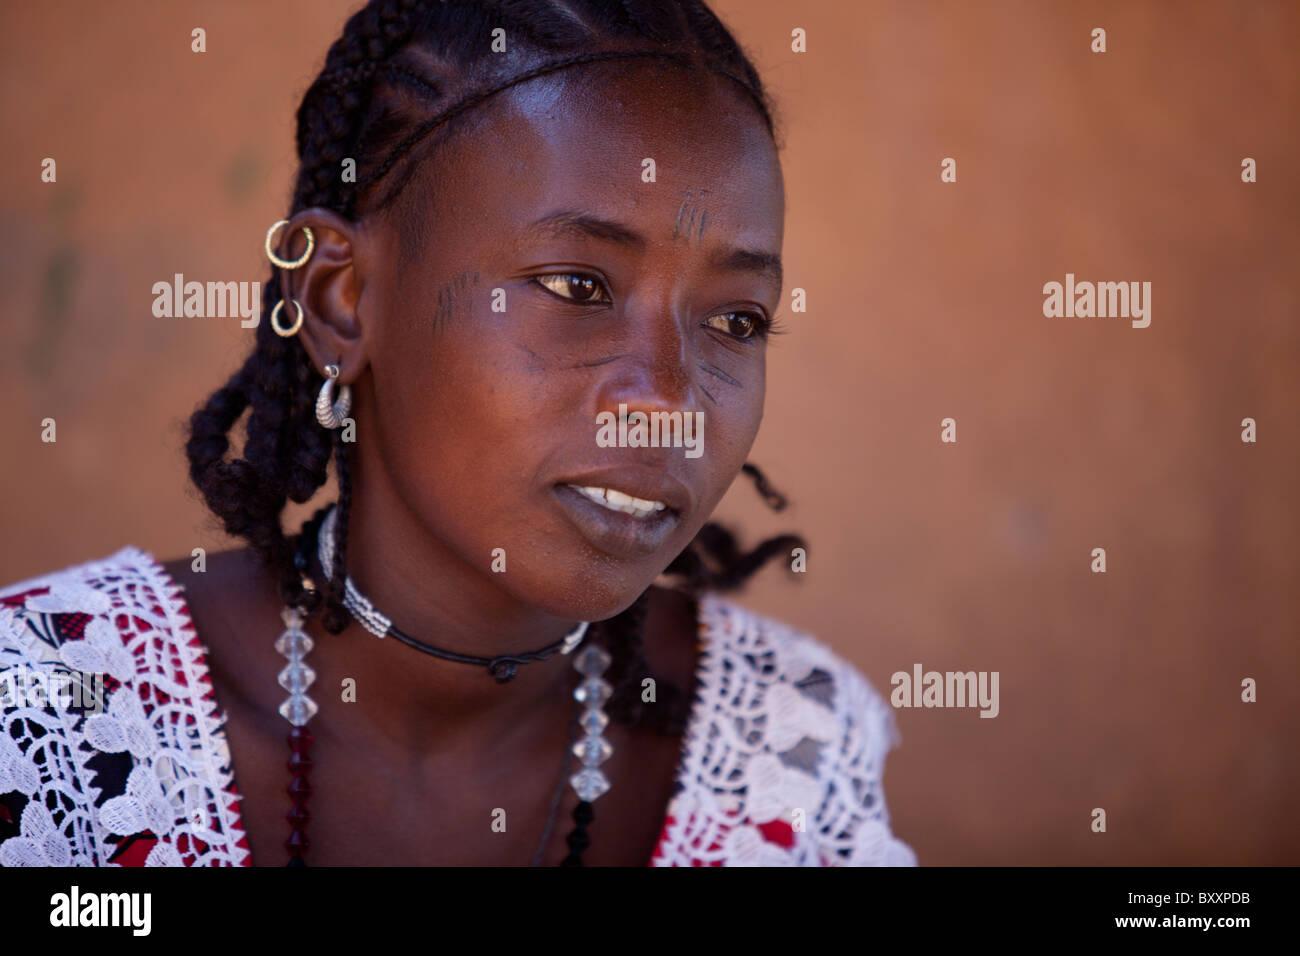 Fulani donna in Djibo nel nord del Burkina Faso. La donna sport il viso tradizionale di cicatrici, che è considerato Immagini Stock